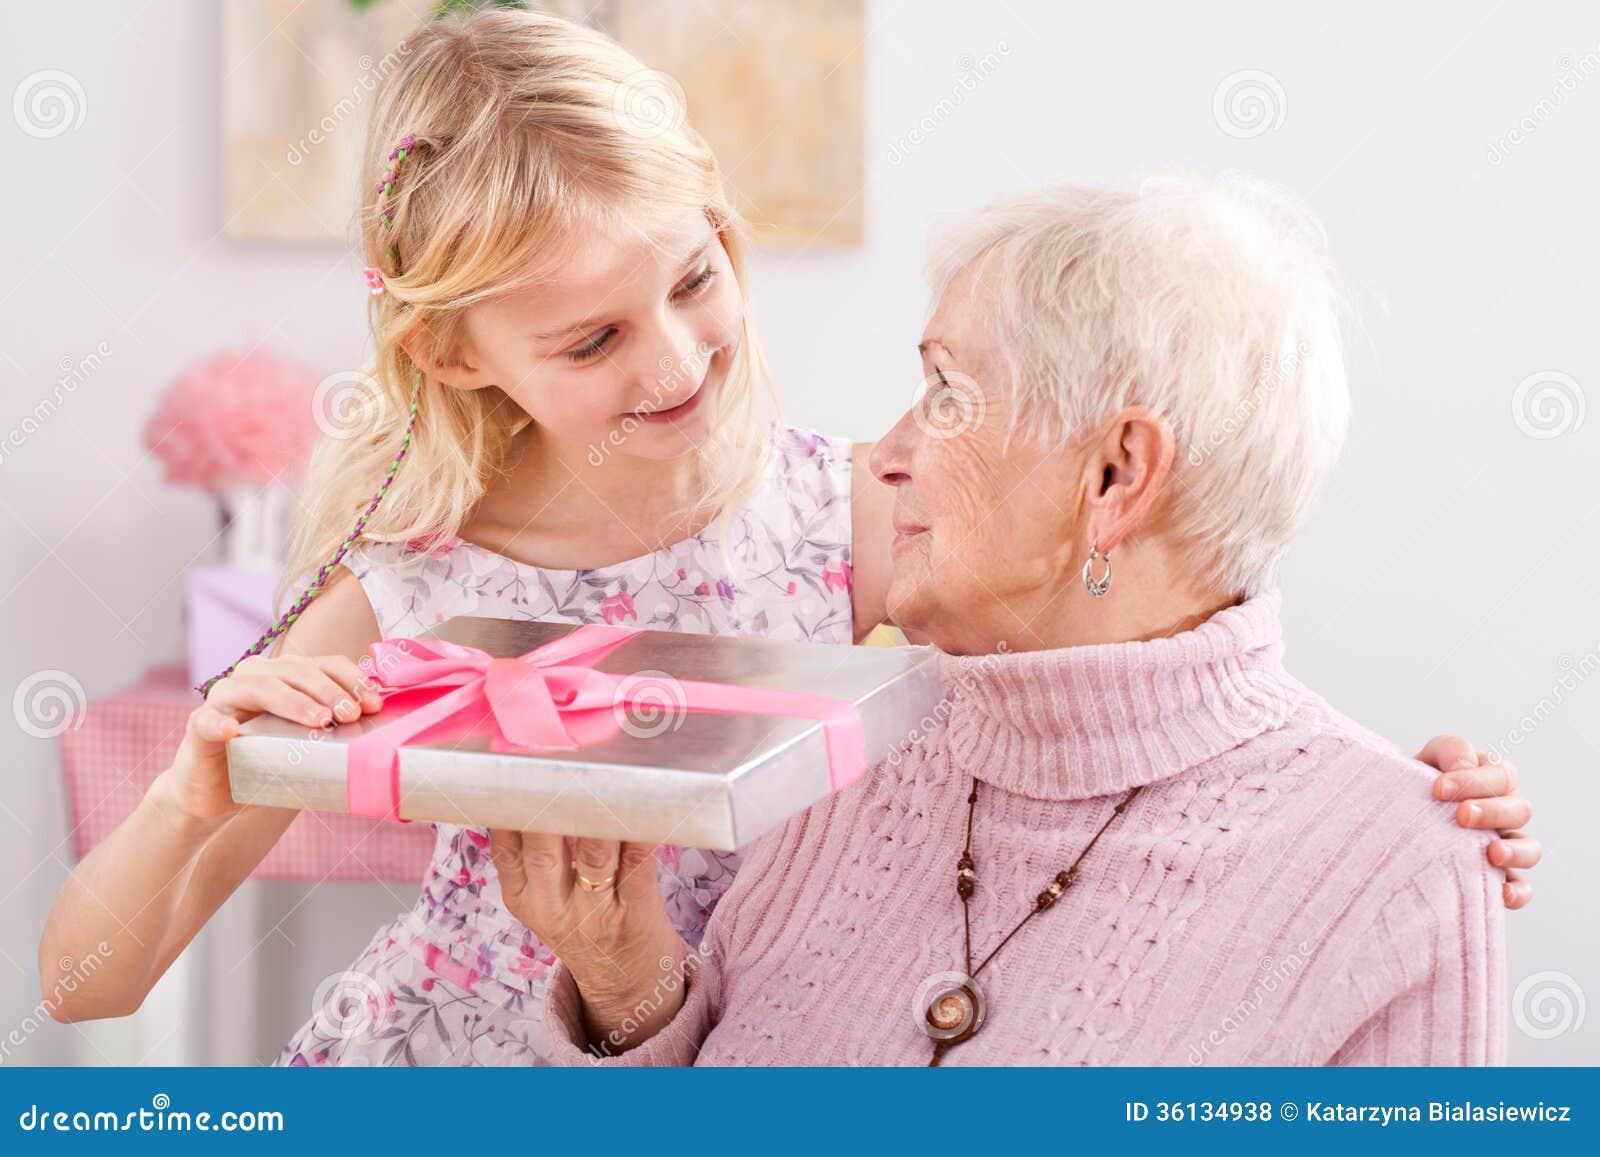 Что подарить бабушке: лучшие подарки к празднику. Подарок 44